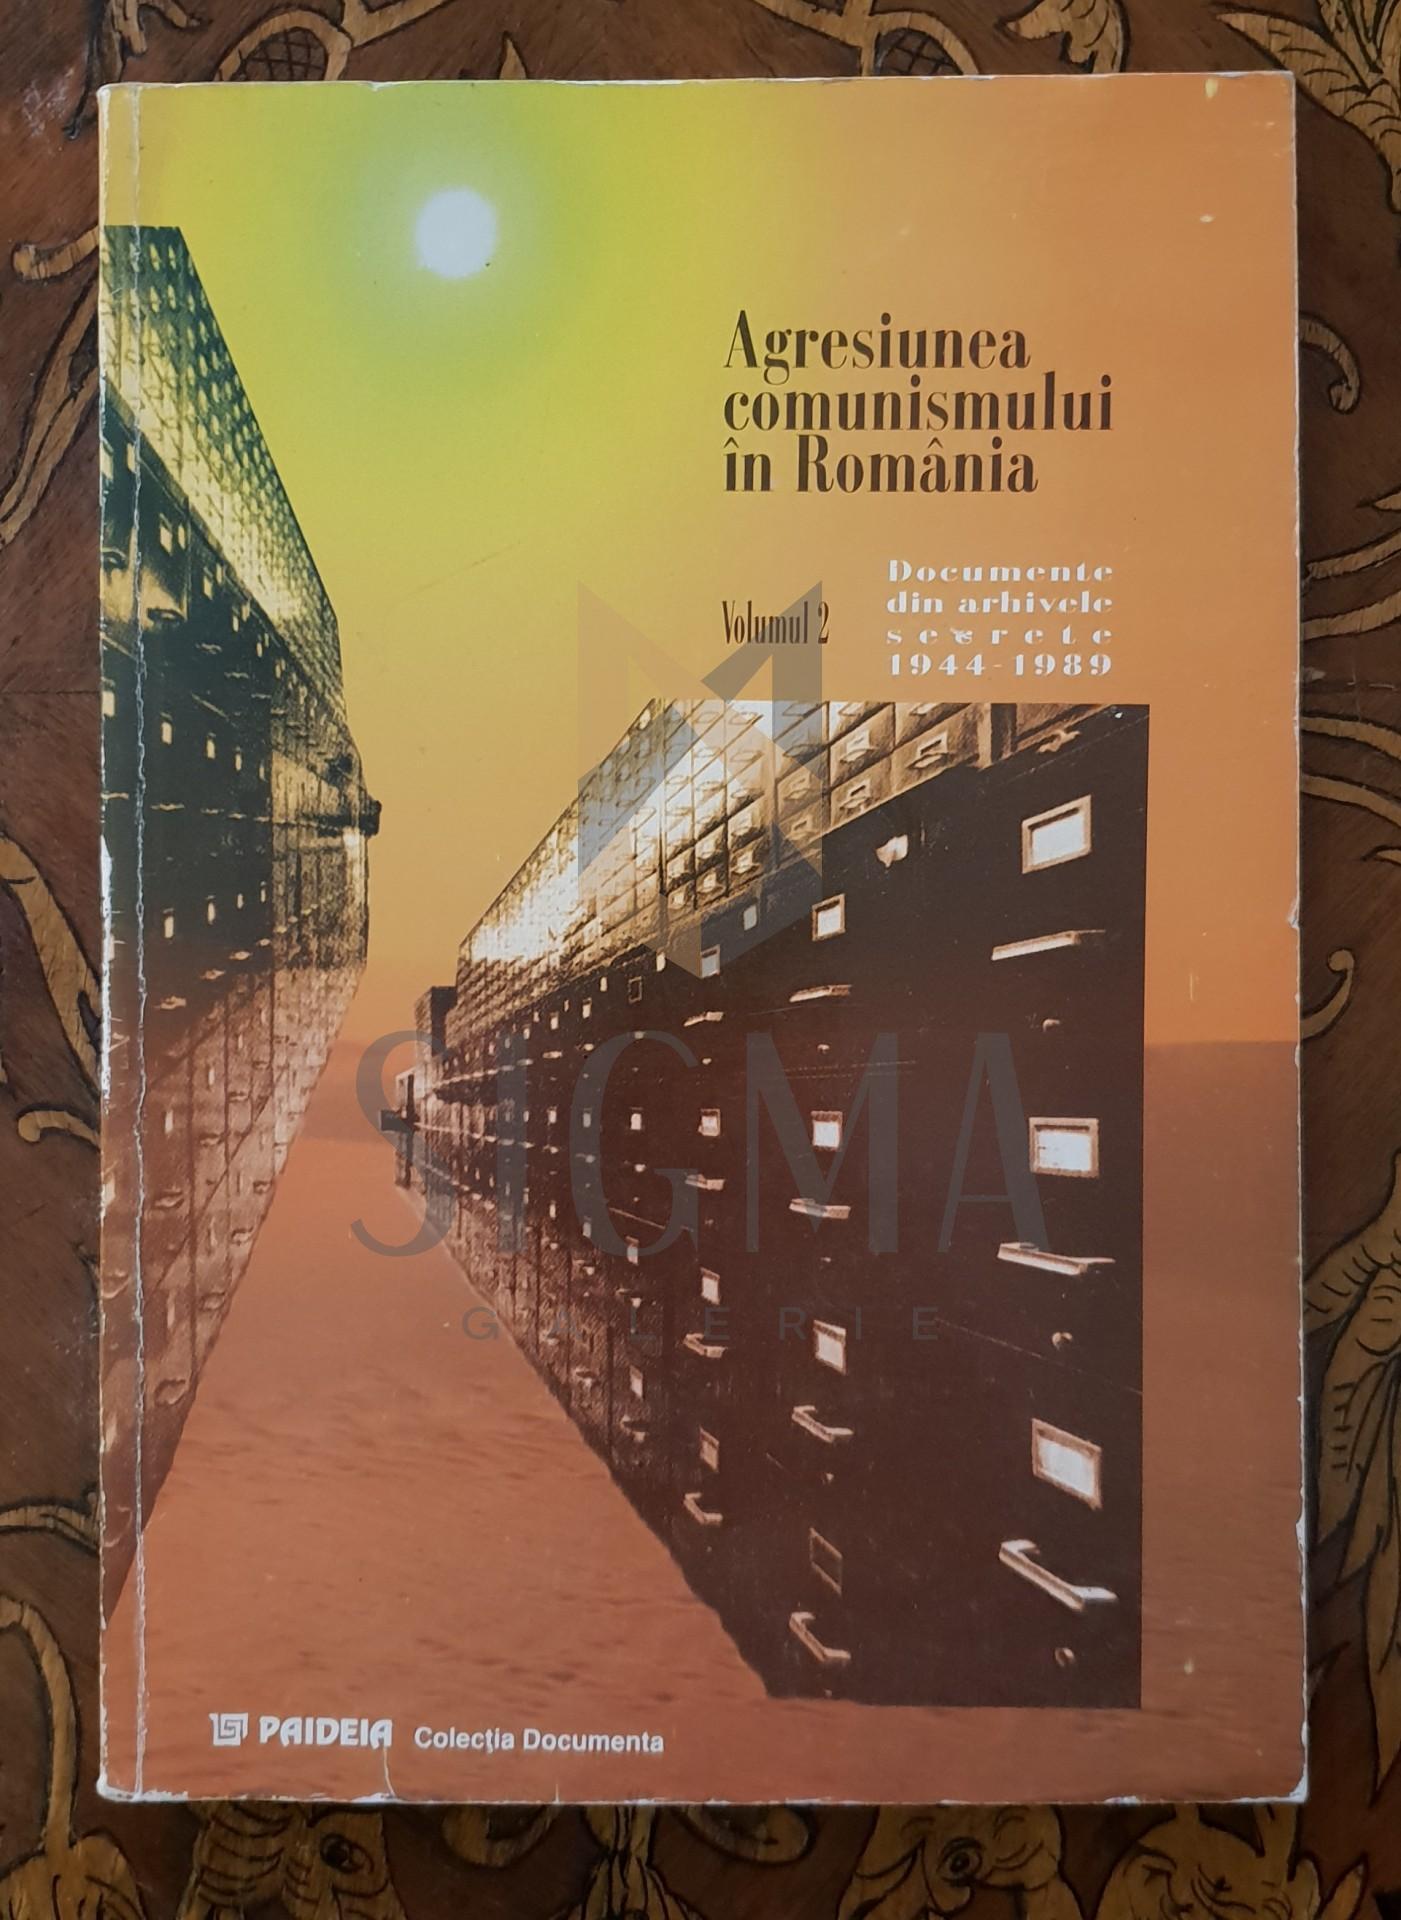 Agresiunea comunismului in Romania